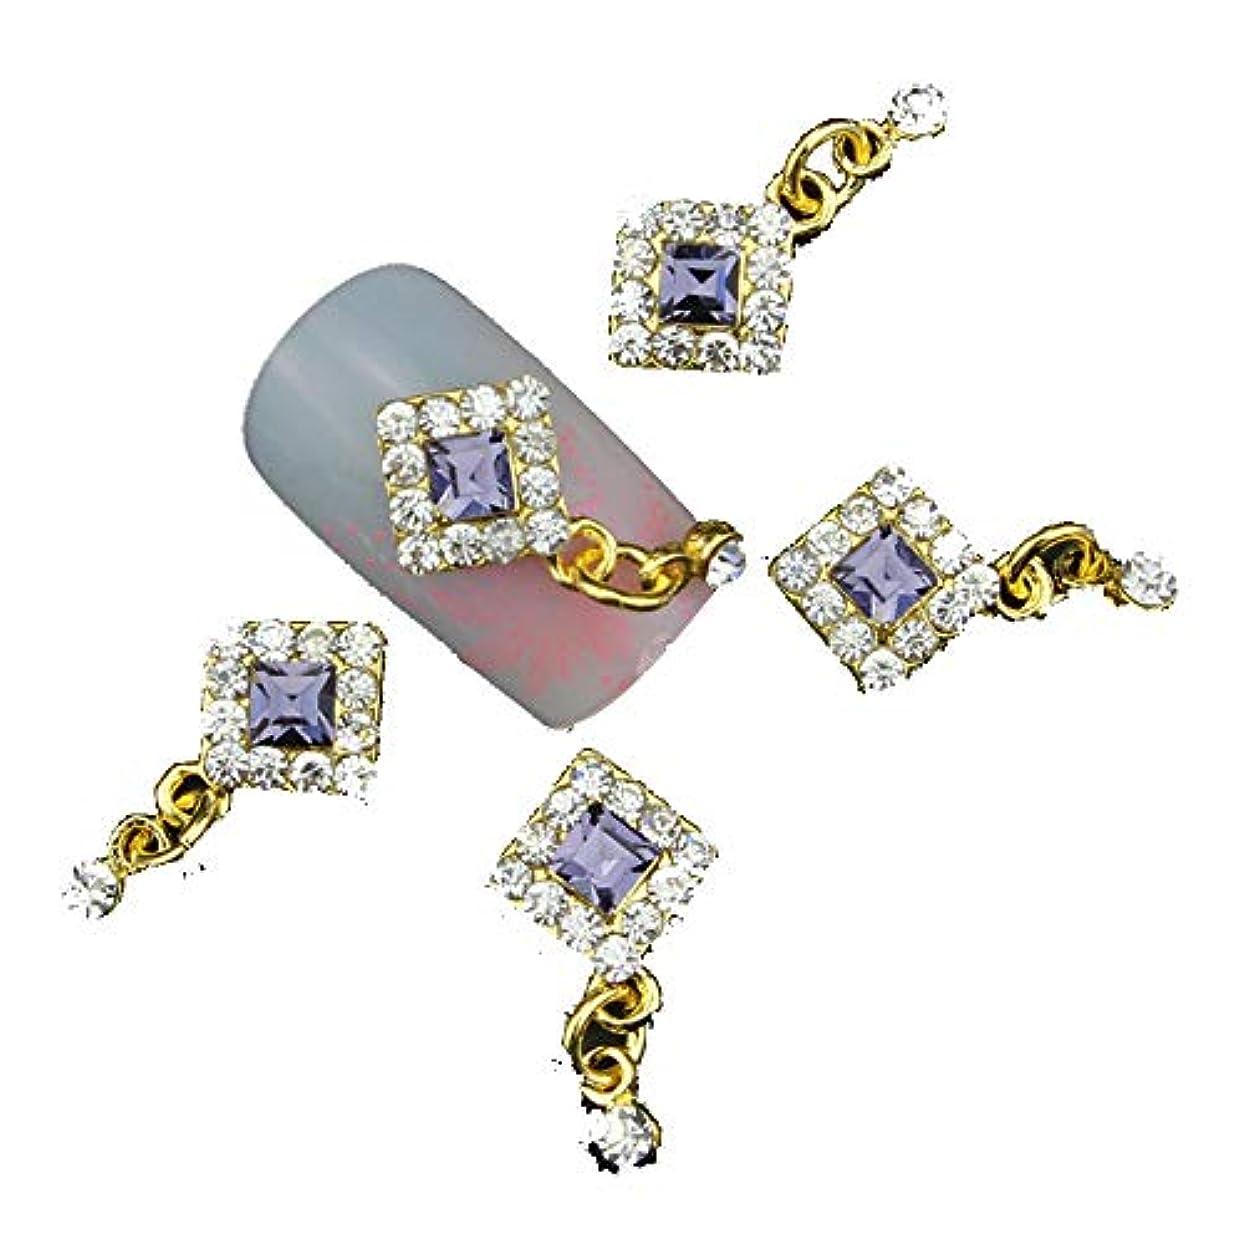 島クリームクローゼットラインストーン付きグリッターカラフルな3Dネイルアートの装飾、ネイルジェル/ポーランドツール用合金ネイルチャームジュエリー10PC